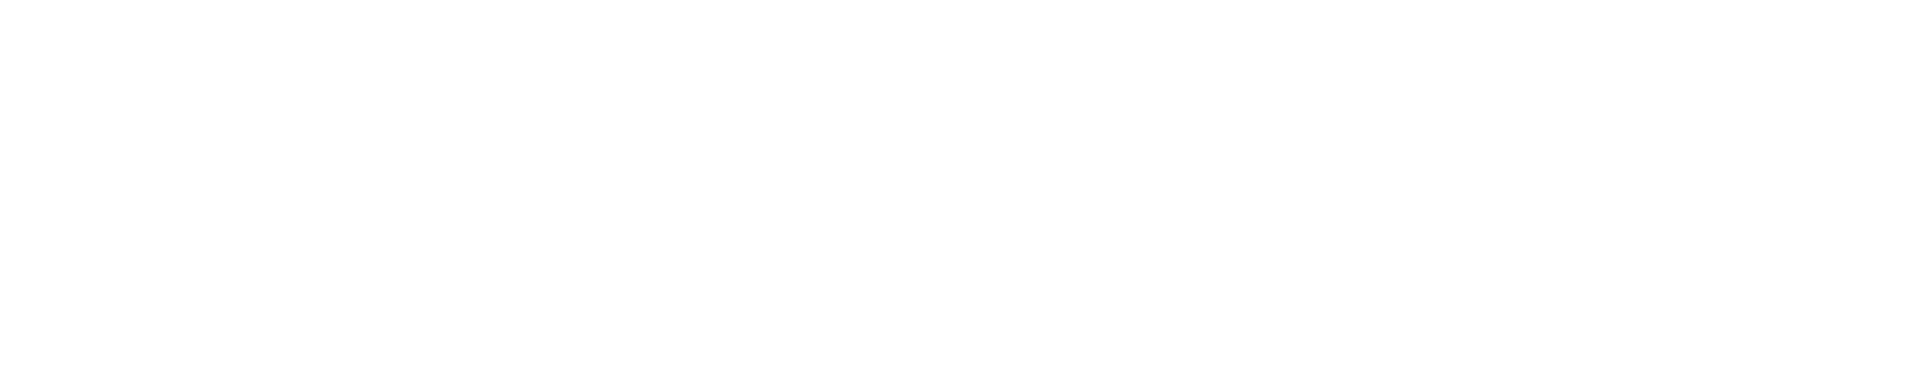 Limestone Valley logo – White – CMYK